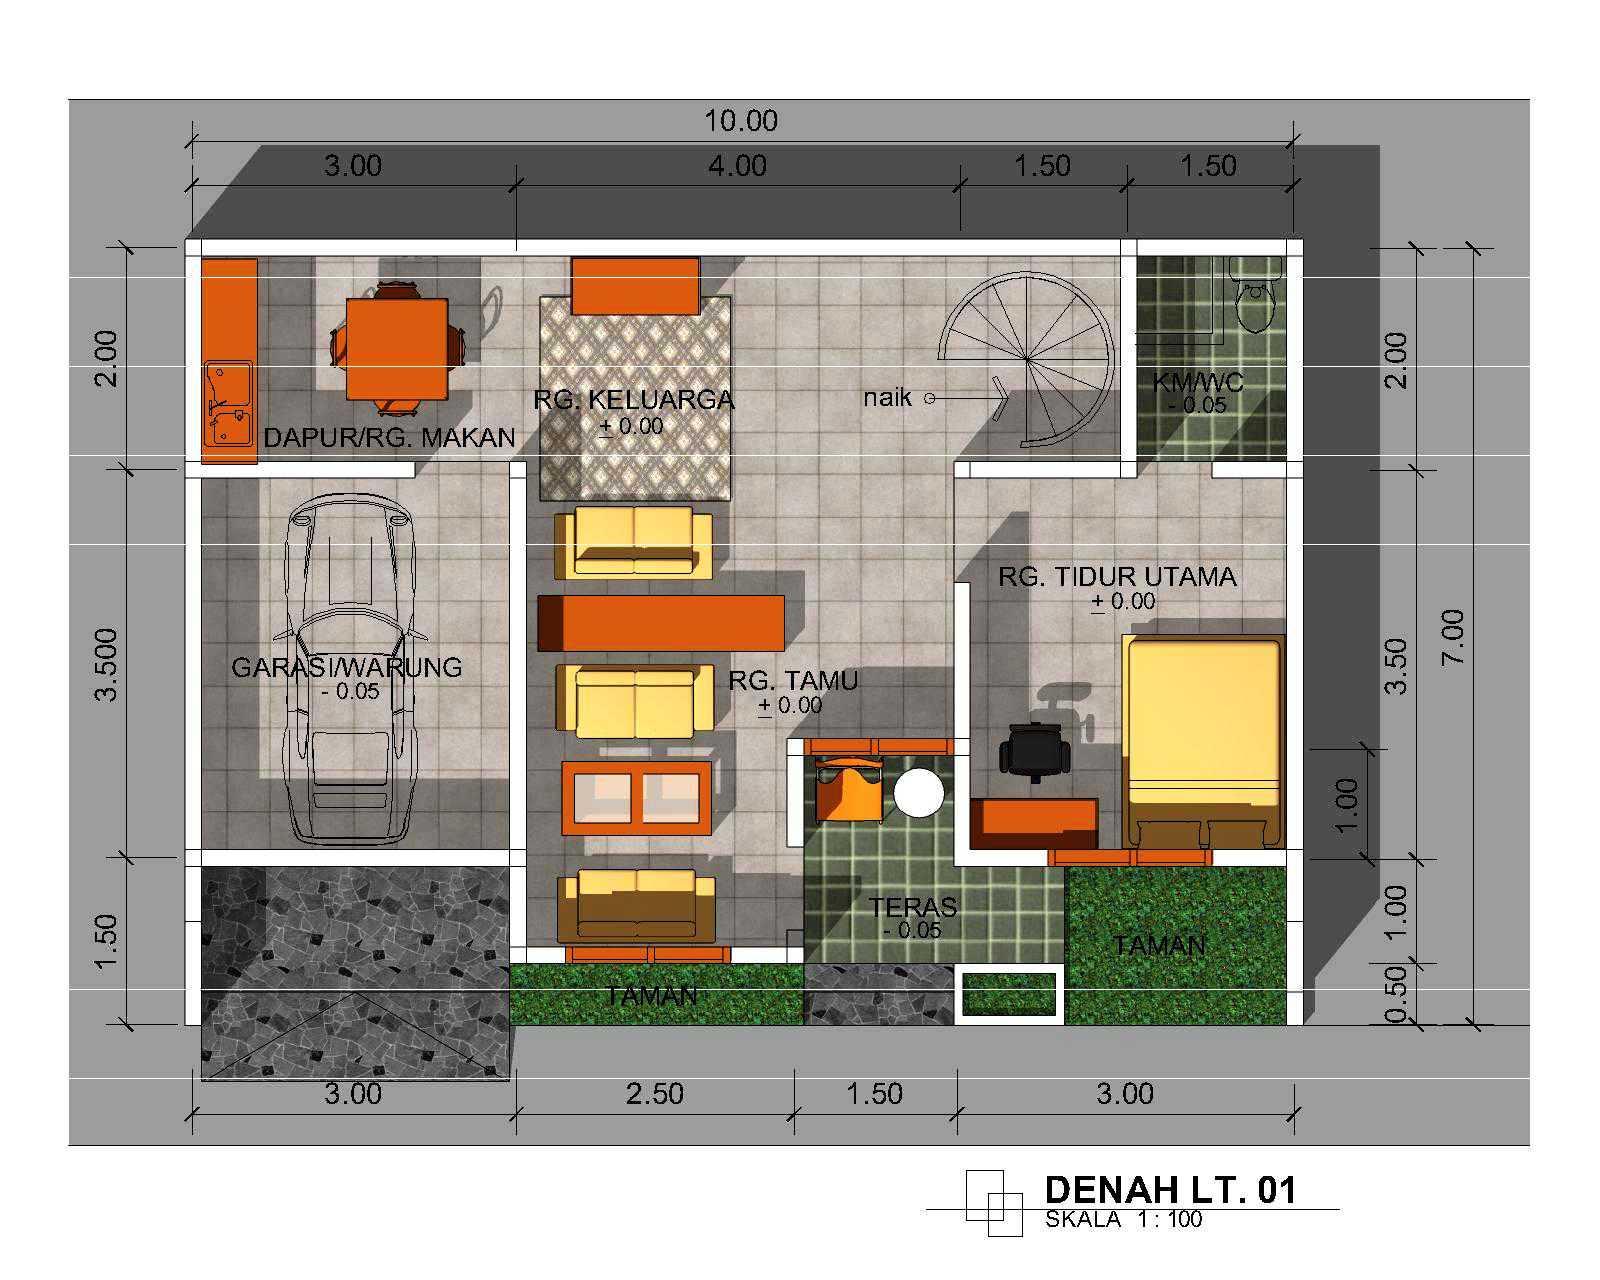 Oleh Sebab Itu Berikut Ini Akan Dijabarkan Beberapa Cara Untuk Mendesain Rumah Minimalis  Lantai Modern Agar Sesuai Dengan Kebutuhan Keluarga